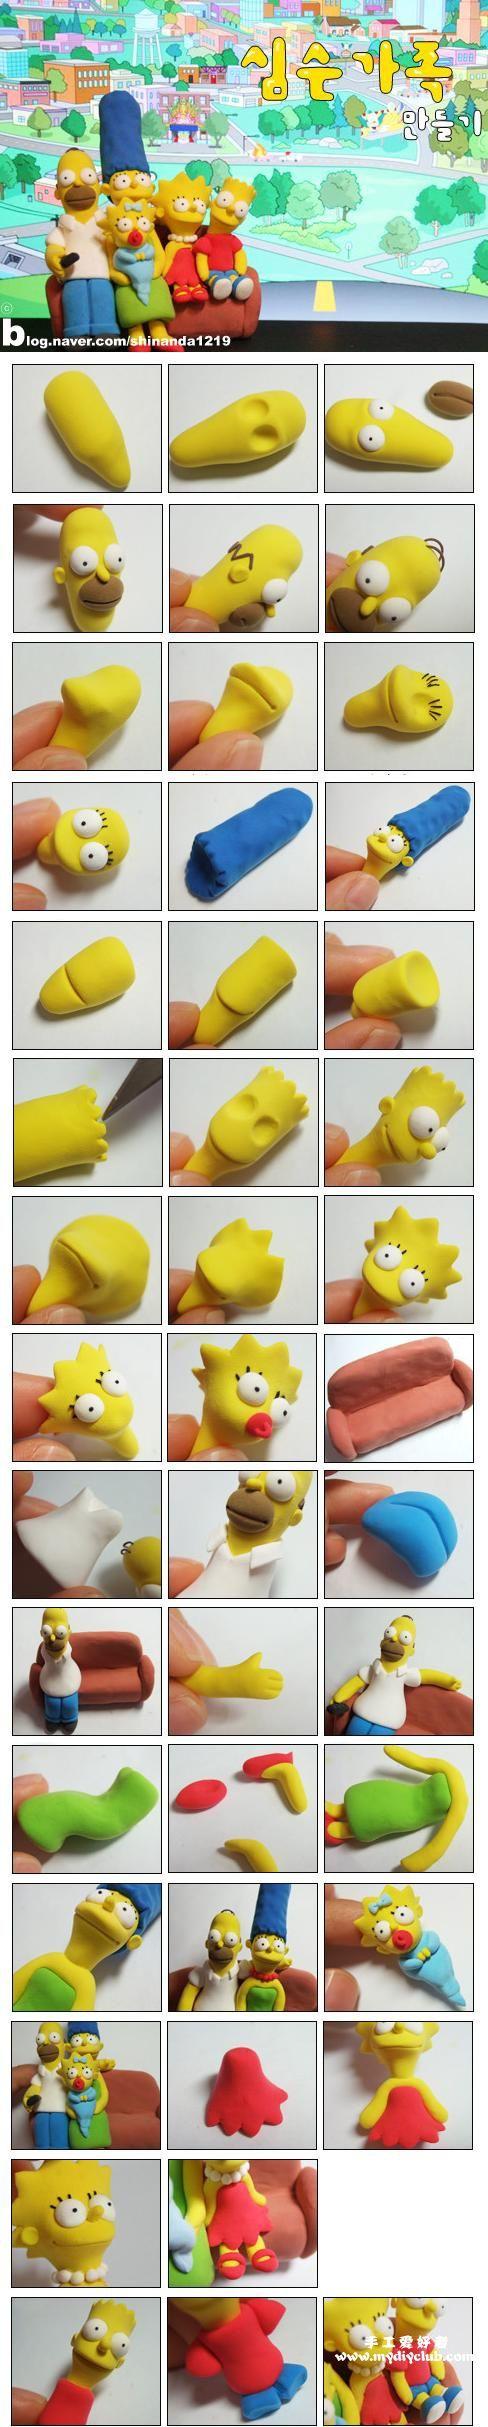 Tuto fimo : La famille Simpson | Bijoux sucrés, Bijoux fantaisie, Bijoux gourmands, Pâte Fimo, Nail Art et Miniatures gourmandes